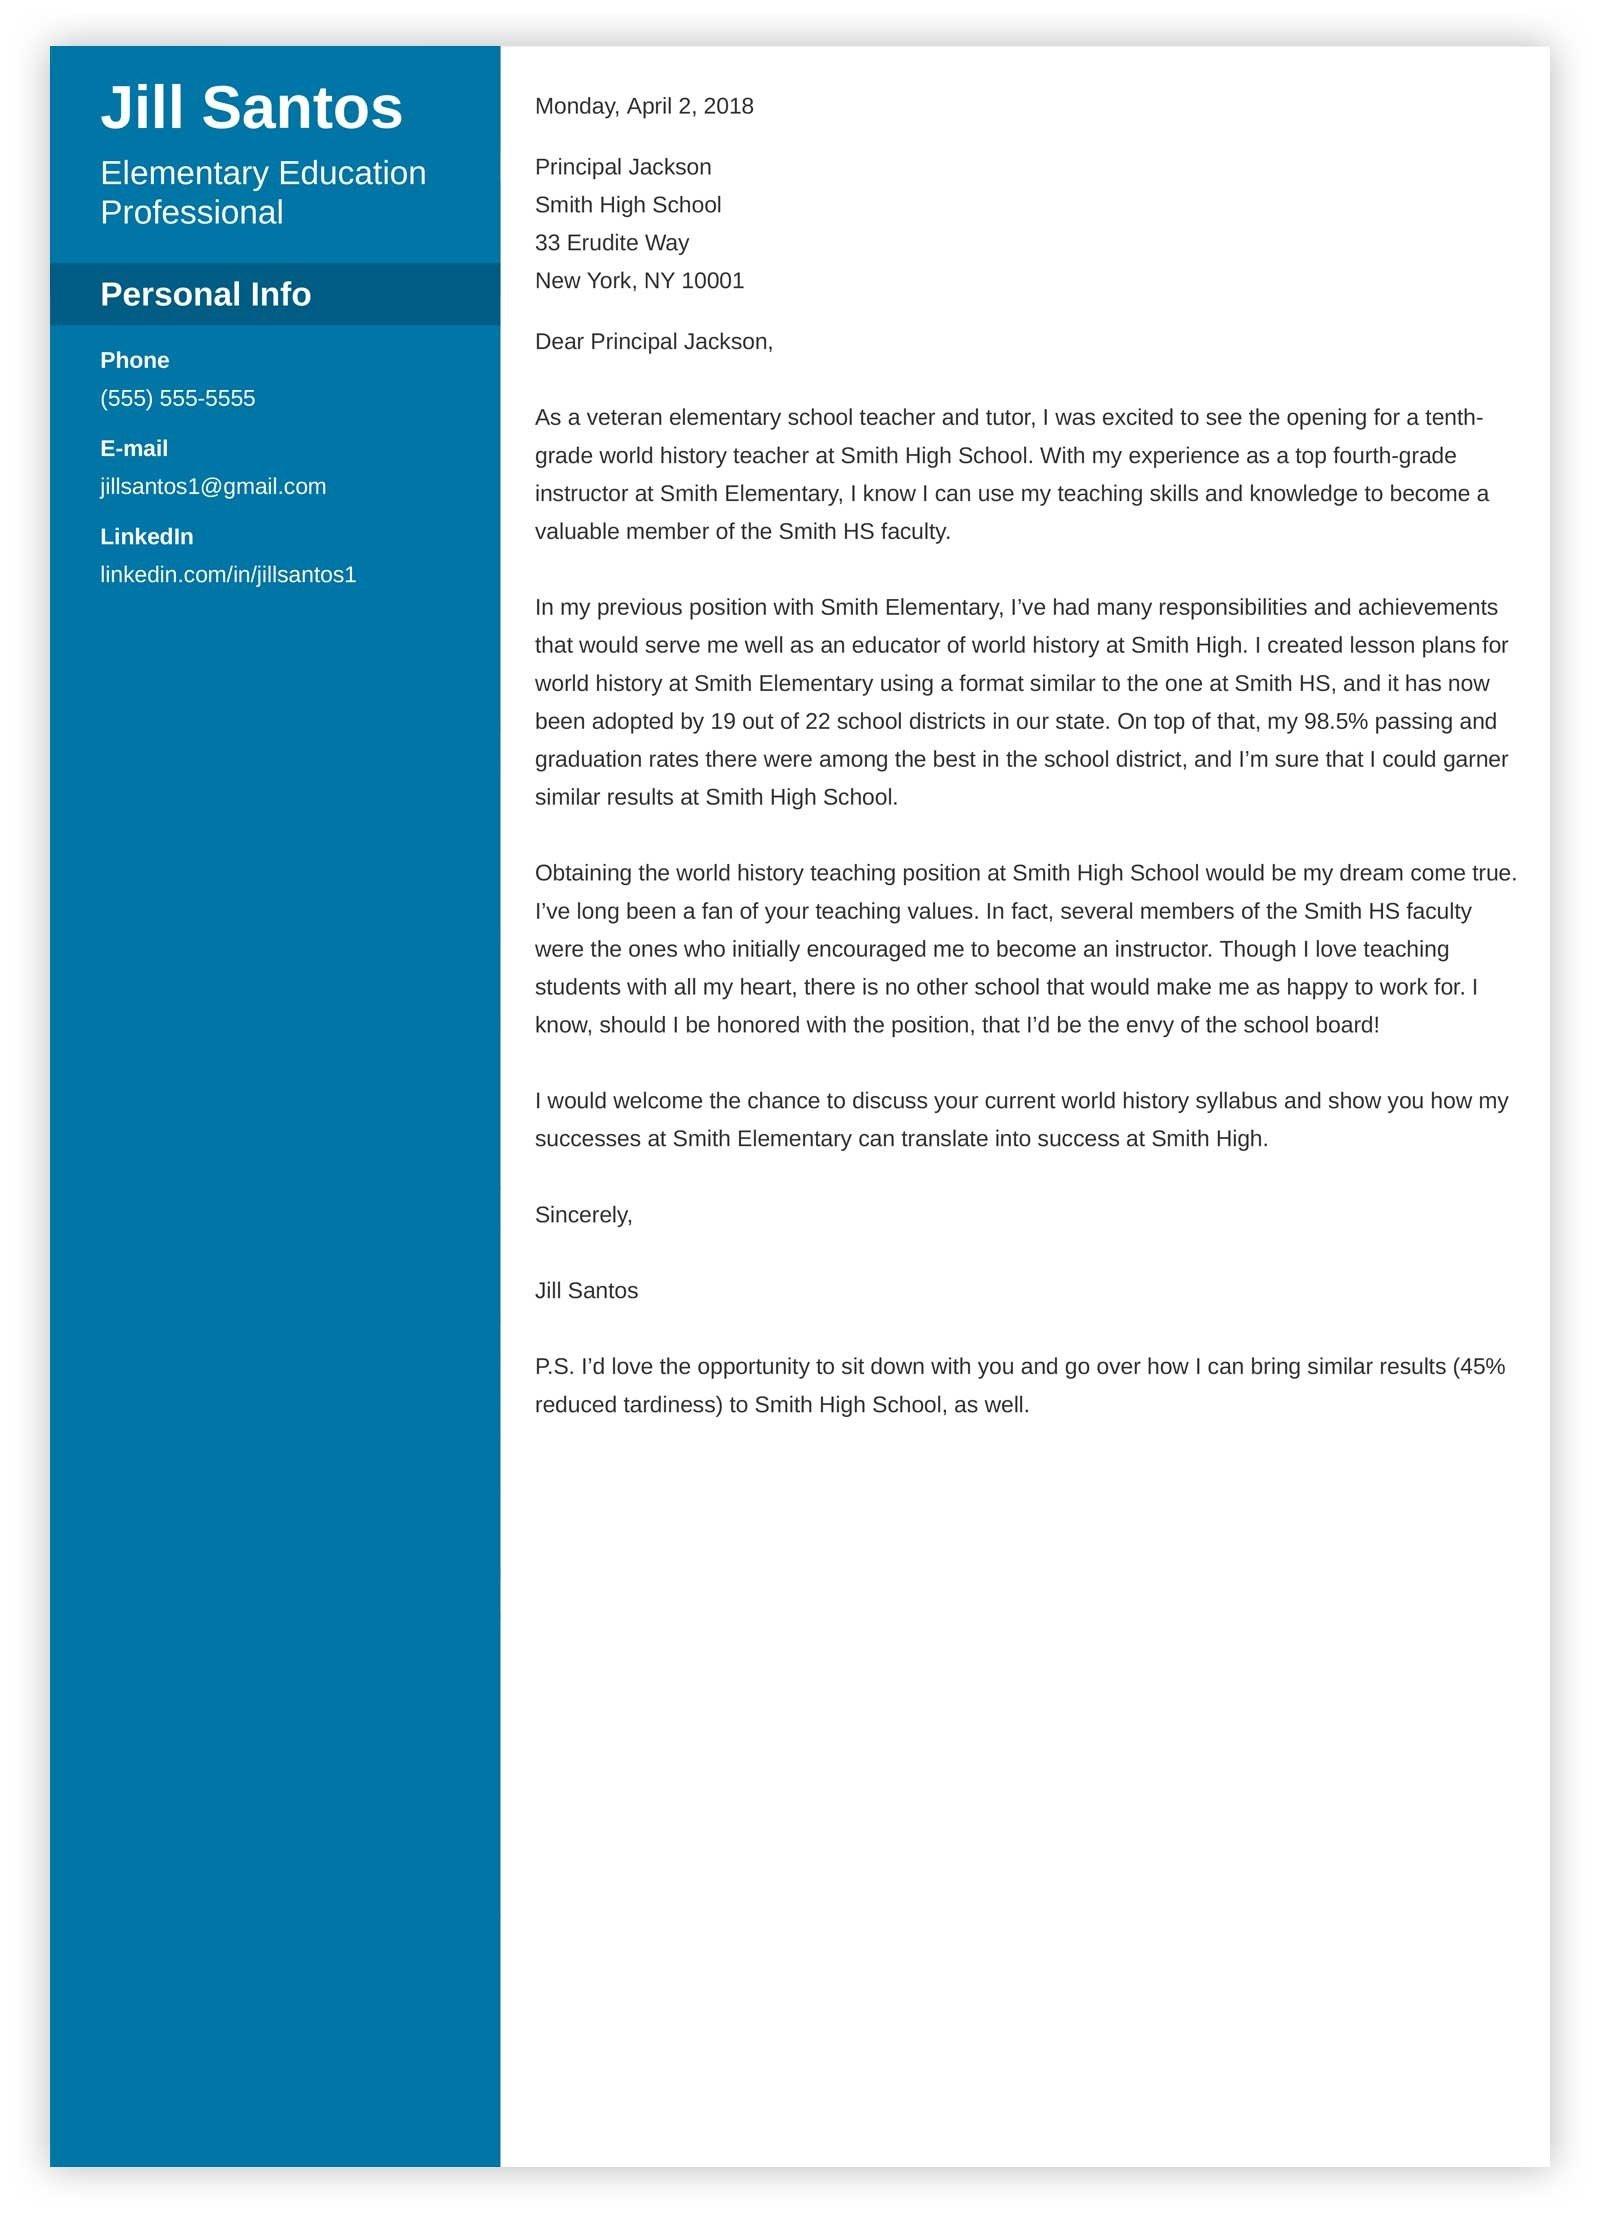 teacher cover letter example